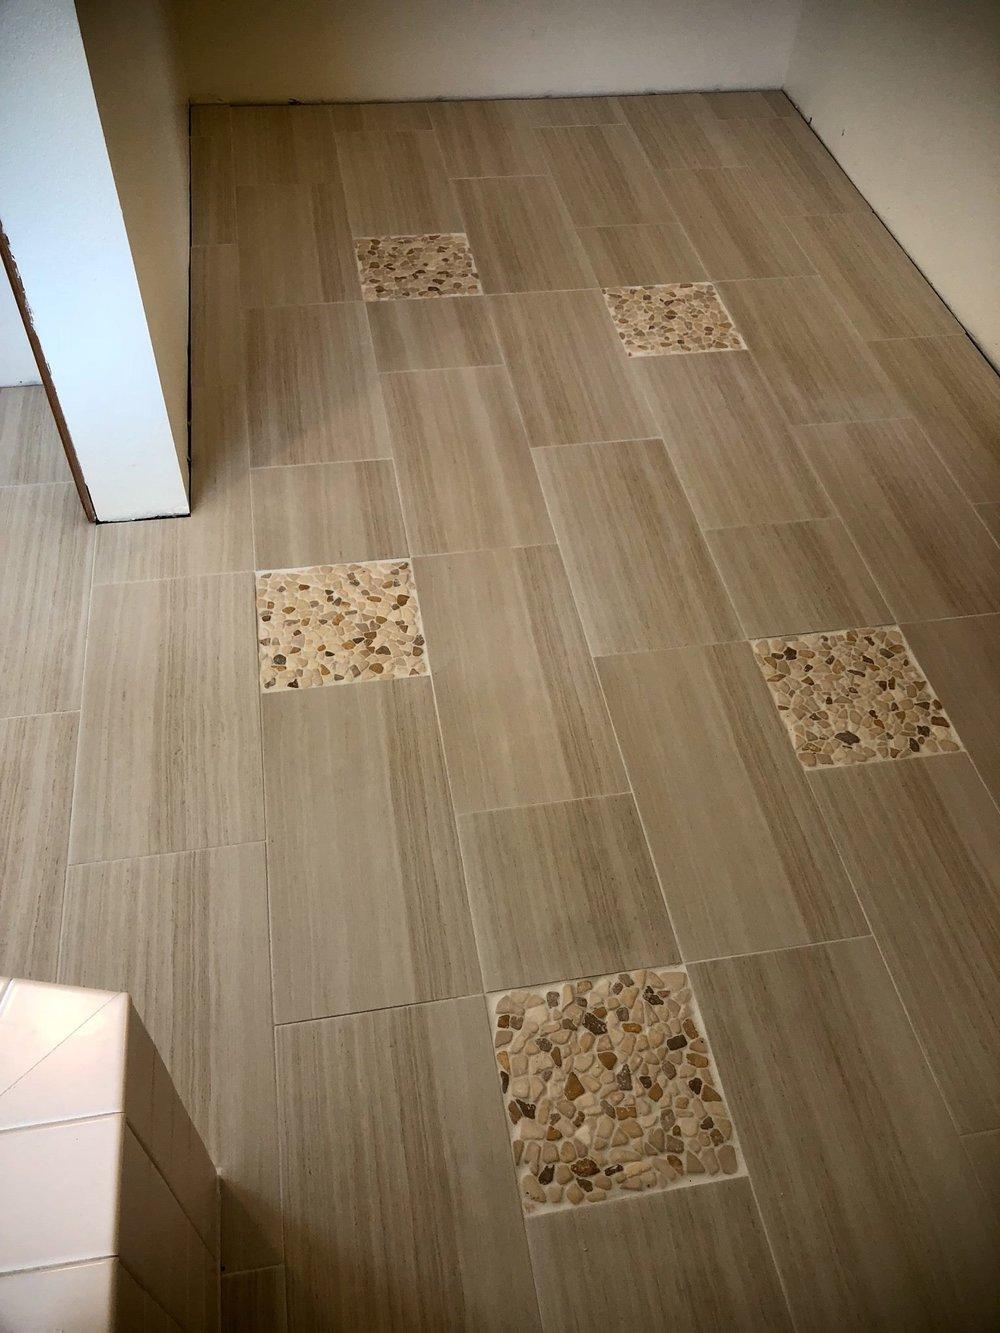 edmonds floor 2.jpg